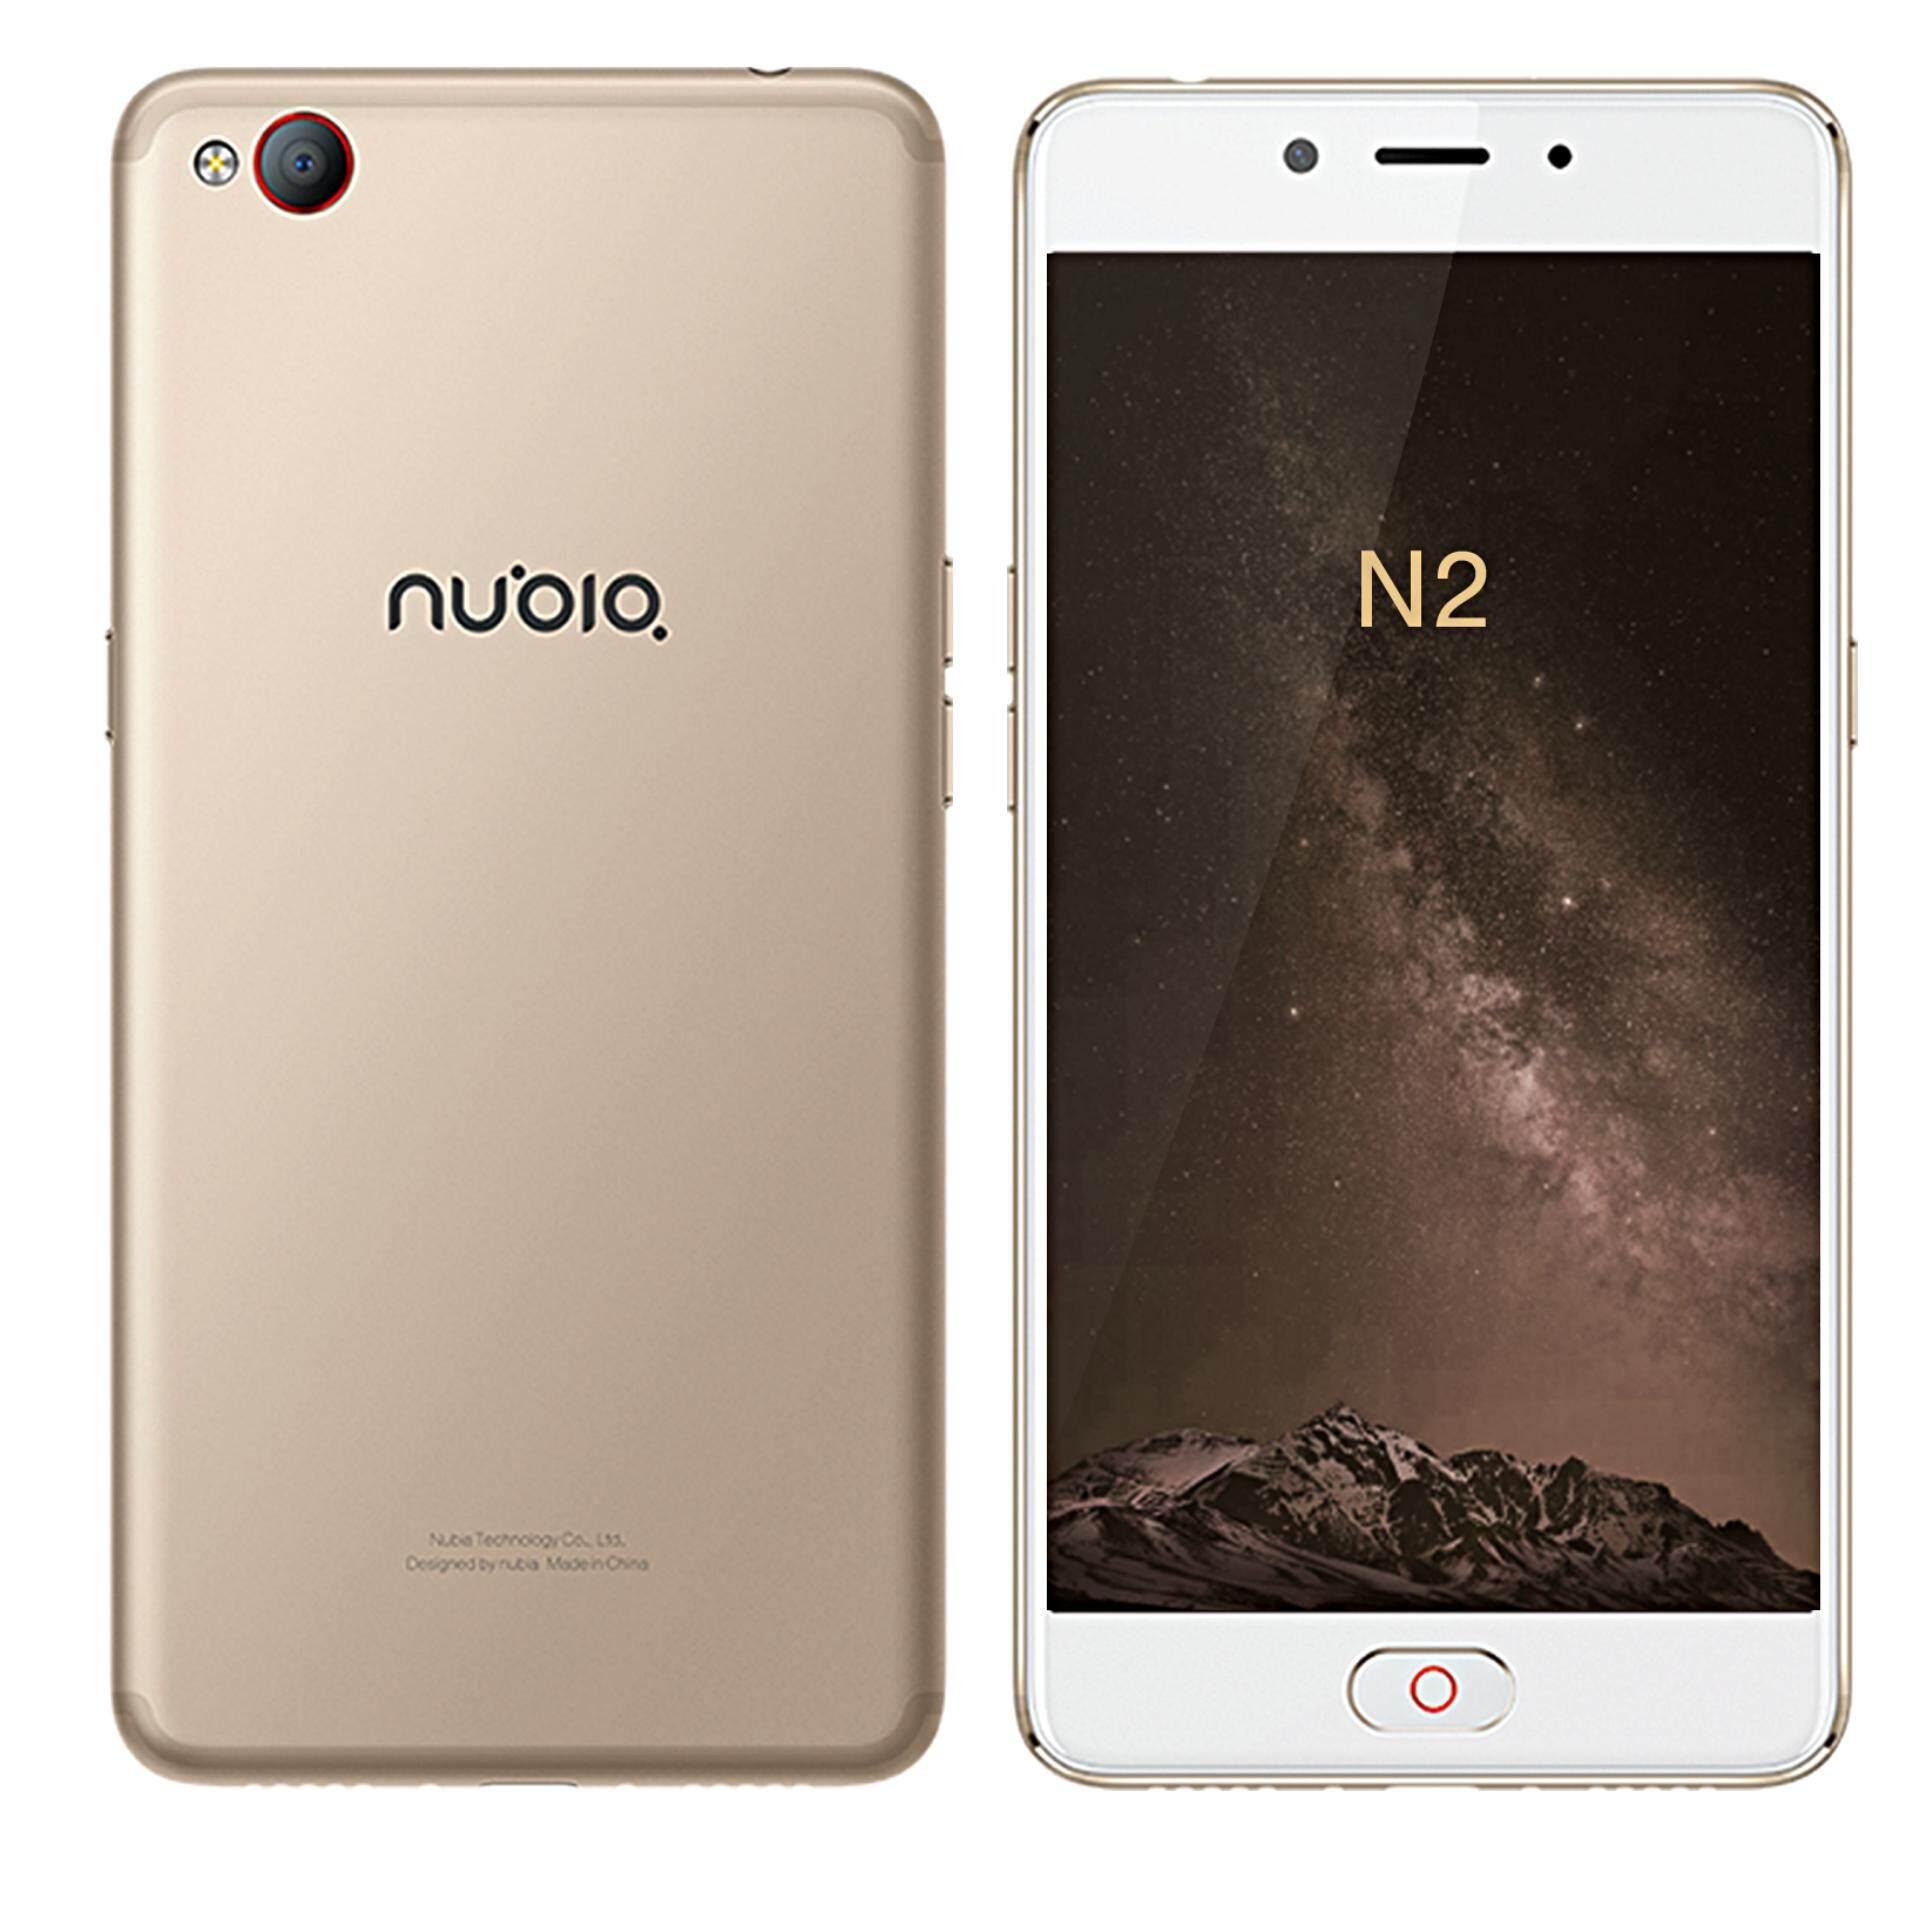 นูเบีย N2 สีทอง | แบตจัดเต็ม 5,000mAh | กล้องหน้า 16ล้าน